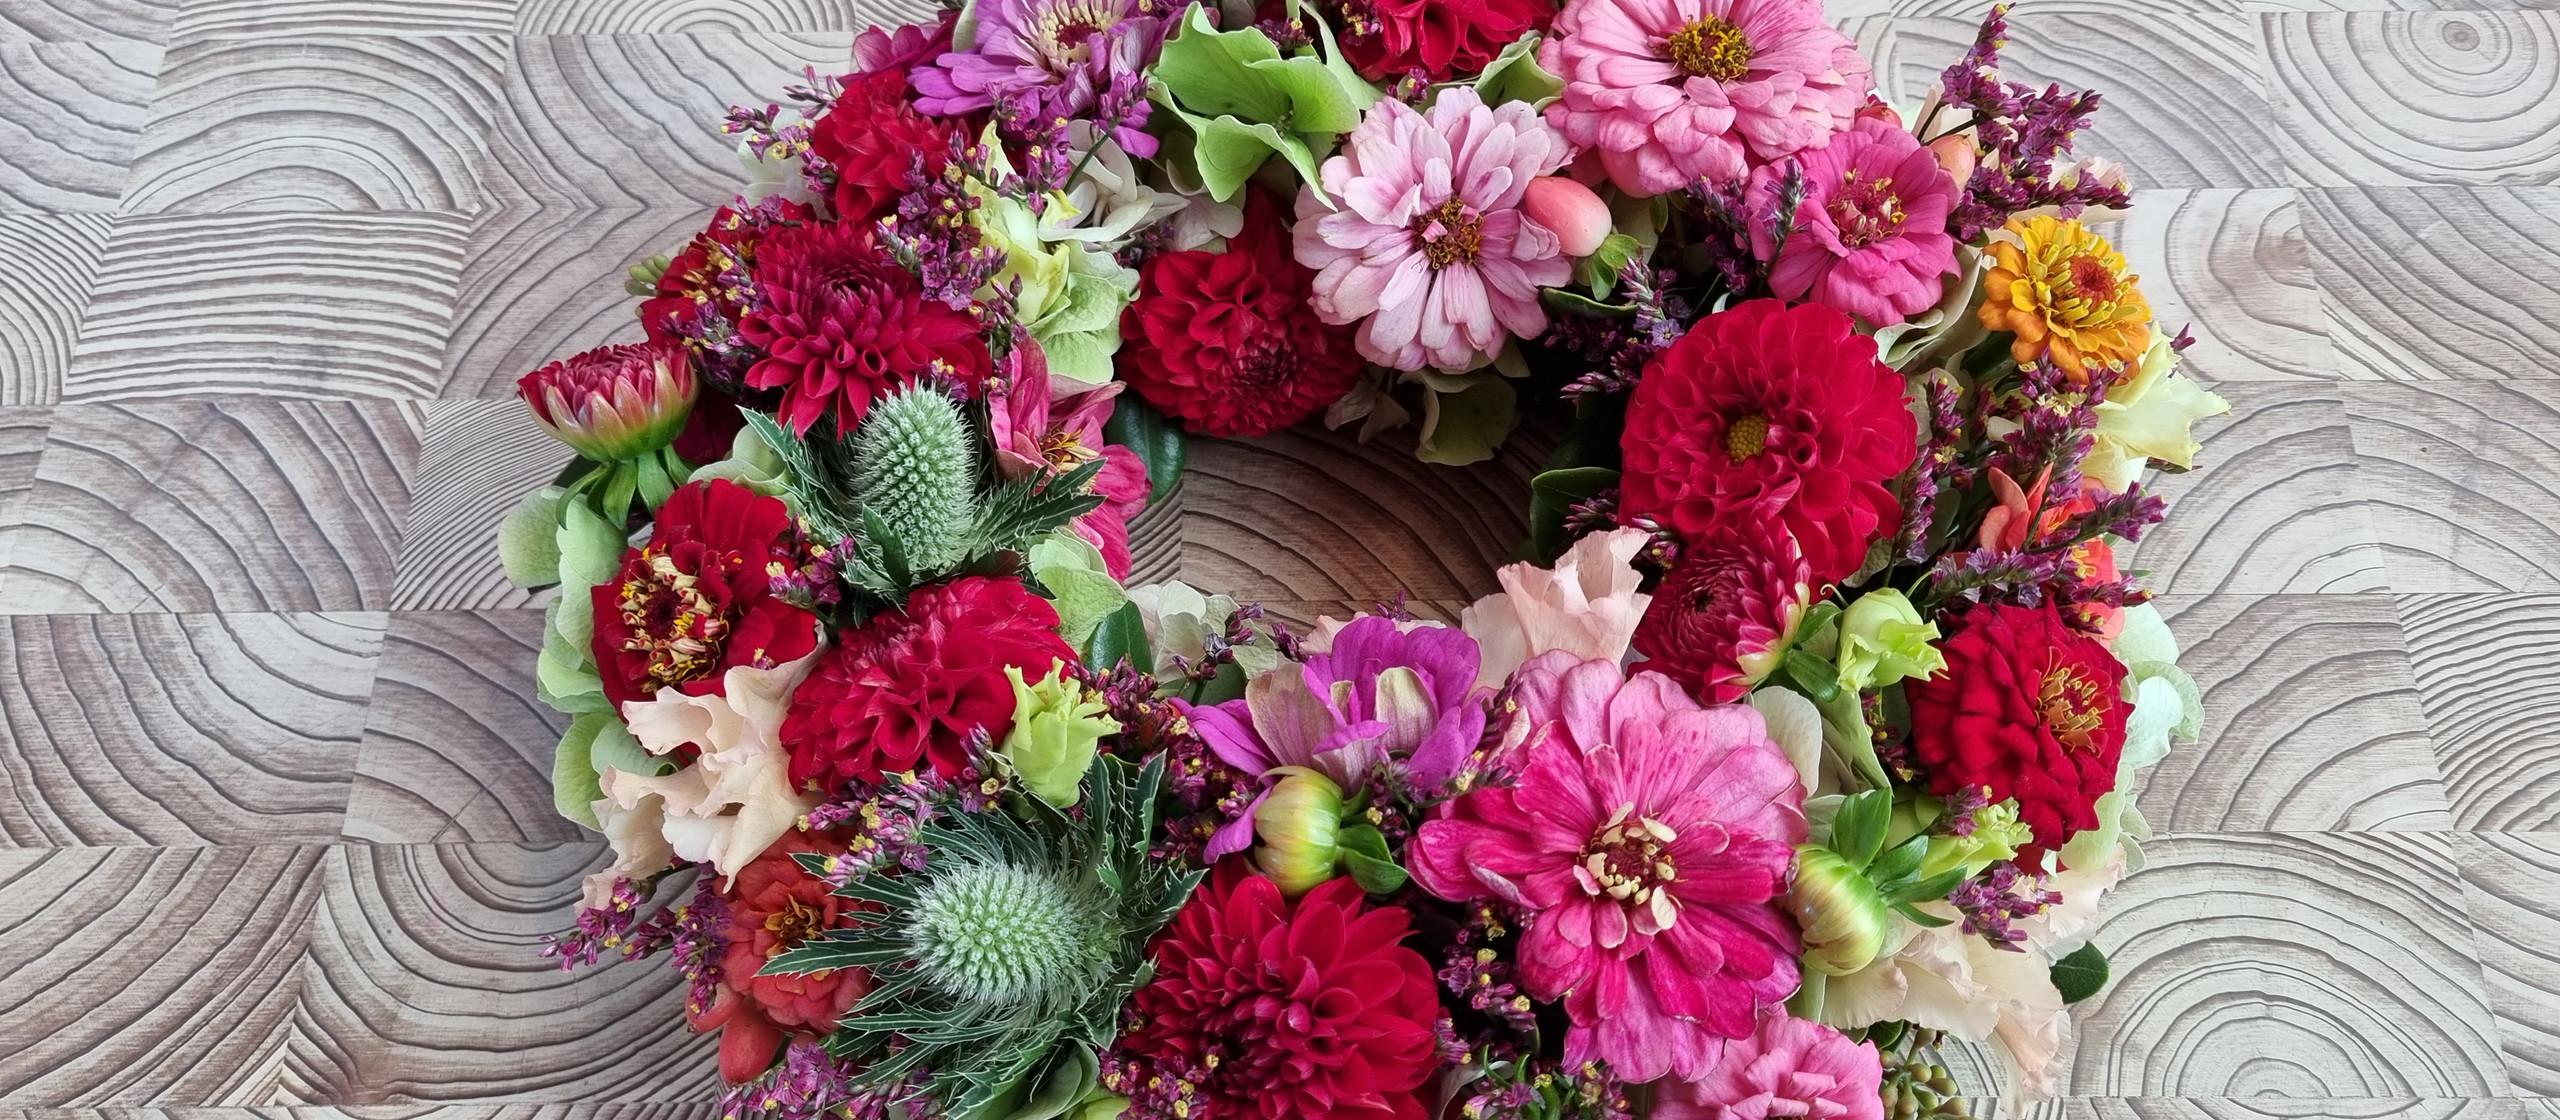 Schöne Schnittblumen zum Muttertag